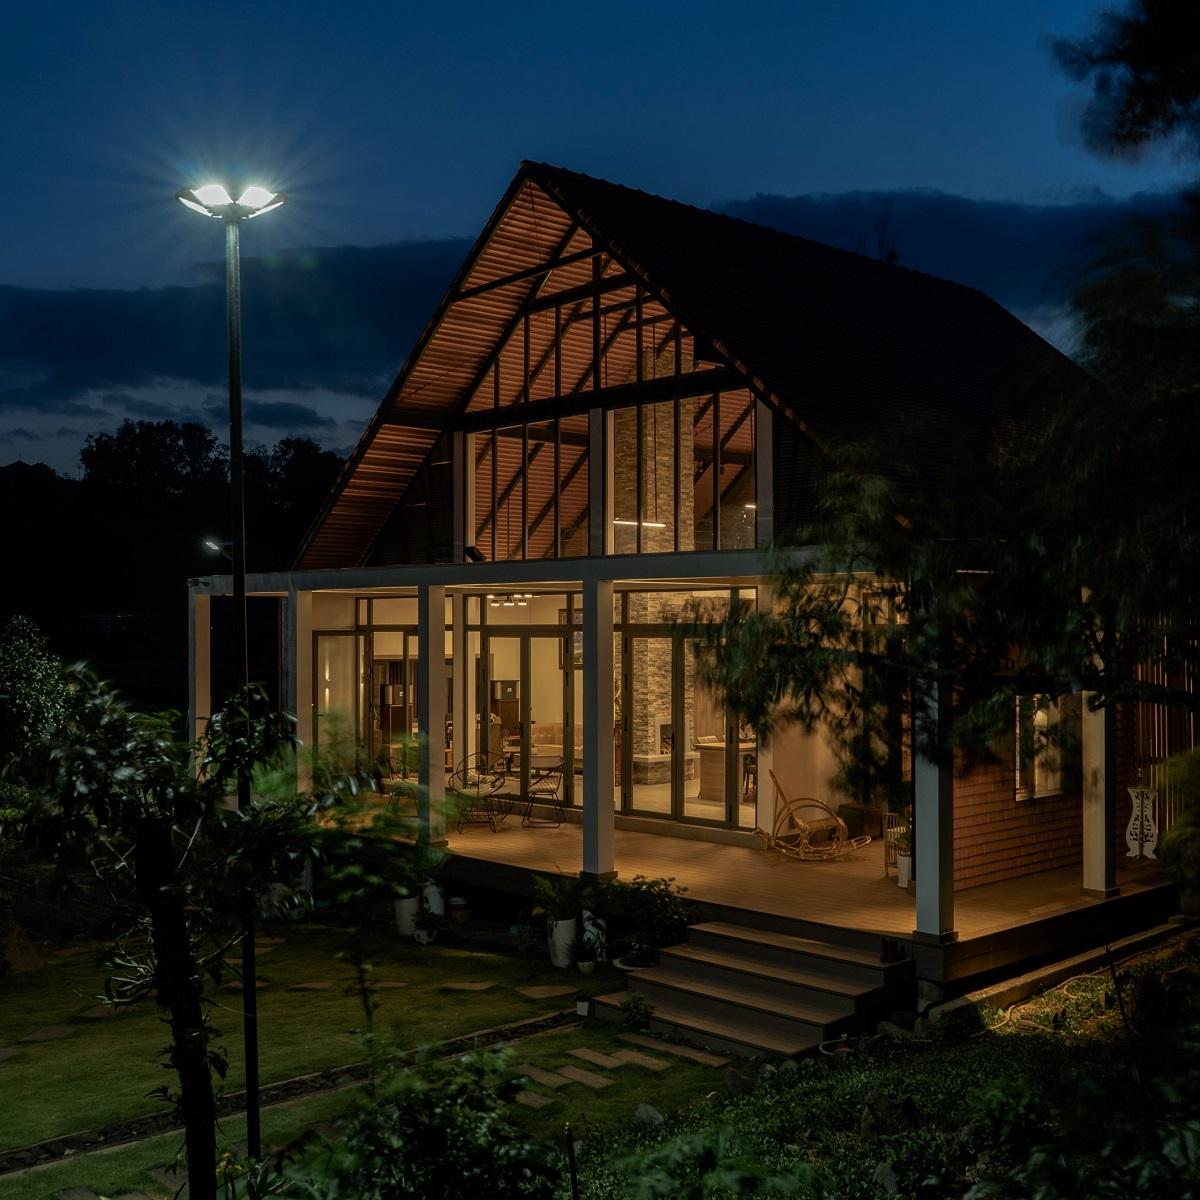 kienviet xuan anh house tan huong khong gian yen binh garchitects 25 - Nhà Xuân Anh - Tìm về chốn yên bình